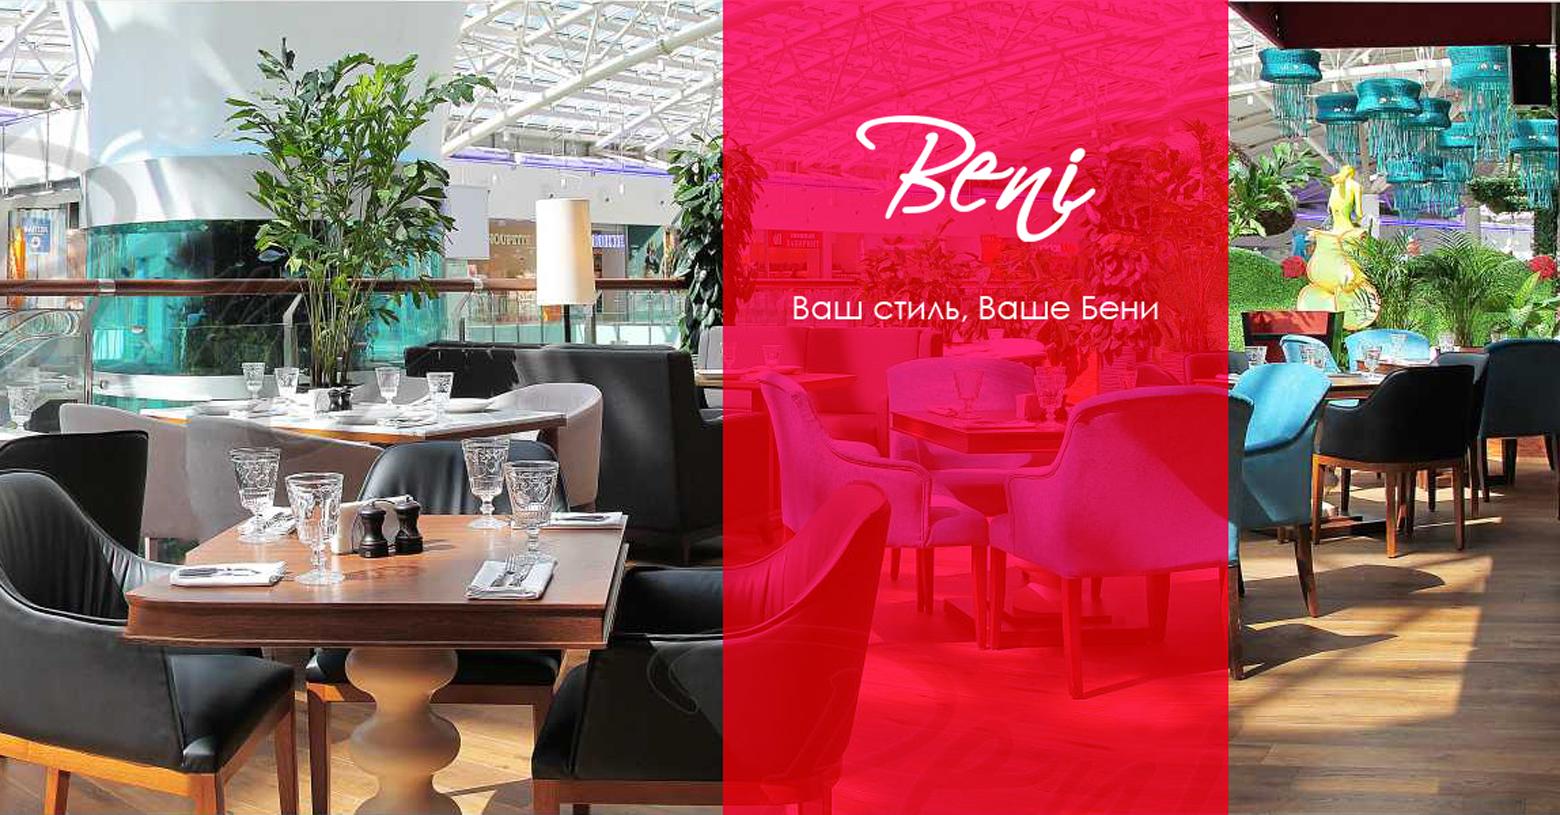 Идеальный дизайн интерьера с недорогой мебелью от фабрики «Beni»